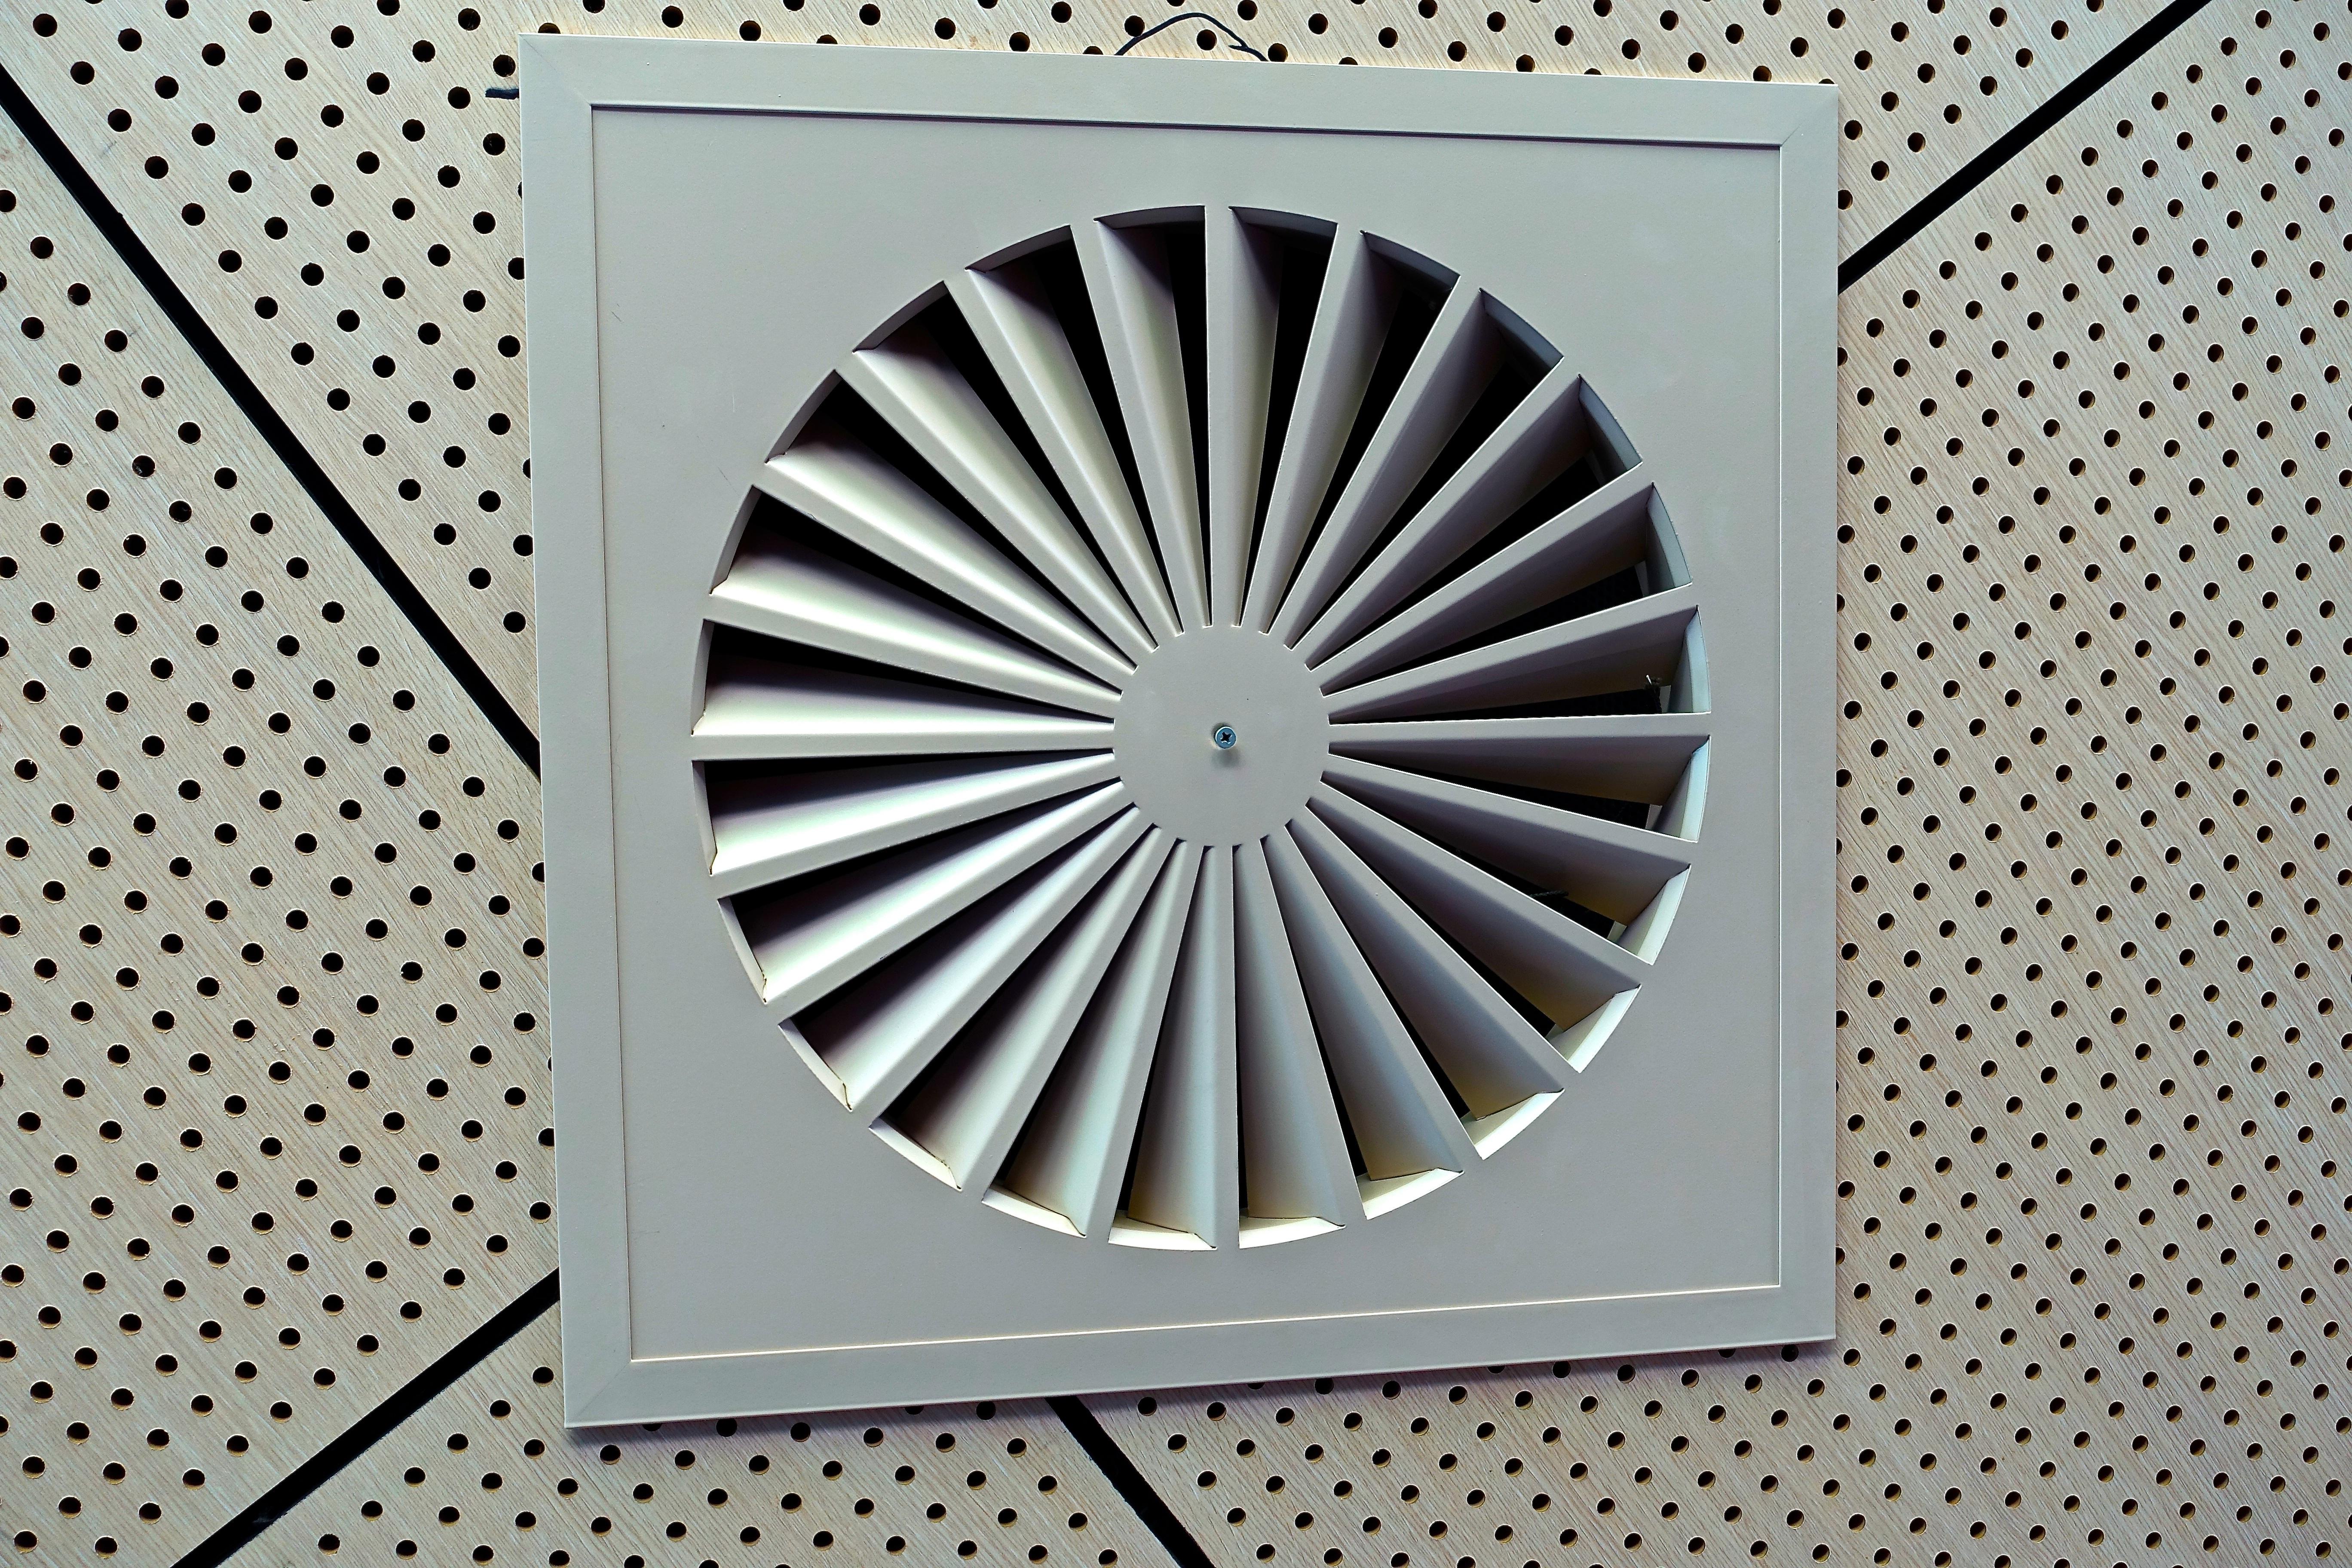 gratis billeder lys hjul luft spiralformet loft belysning cirkel produkt aftr k. Black Bedroom Furniture Sets. Home Design Ideas